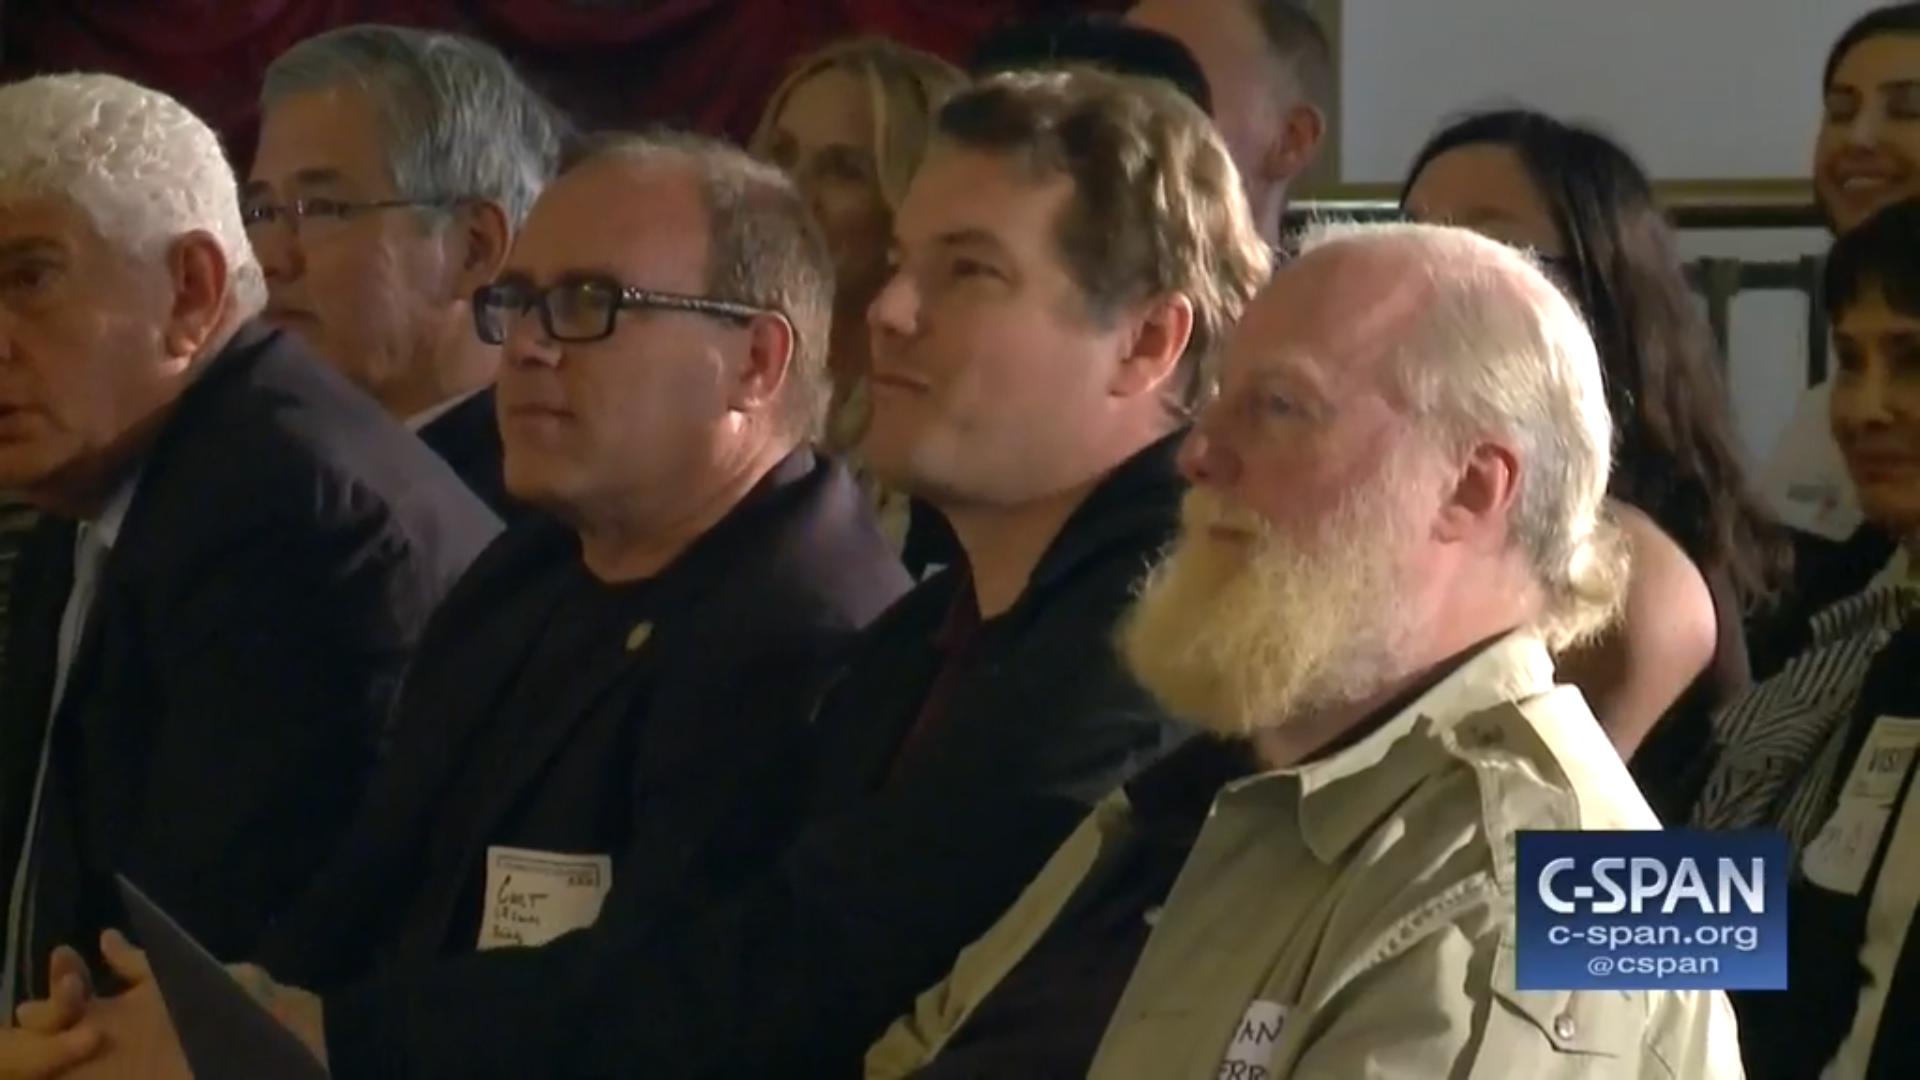 Speakers-in-Audience.png